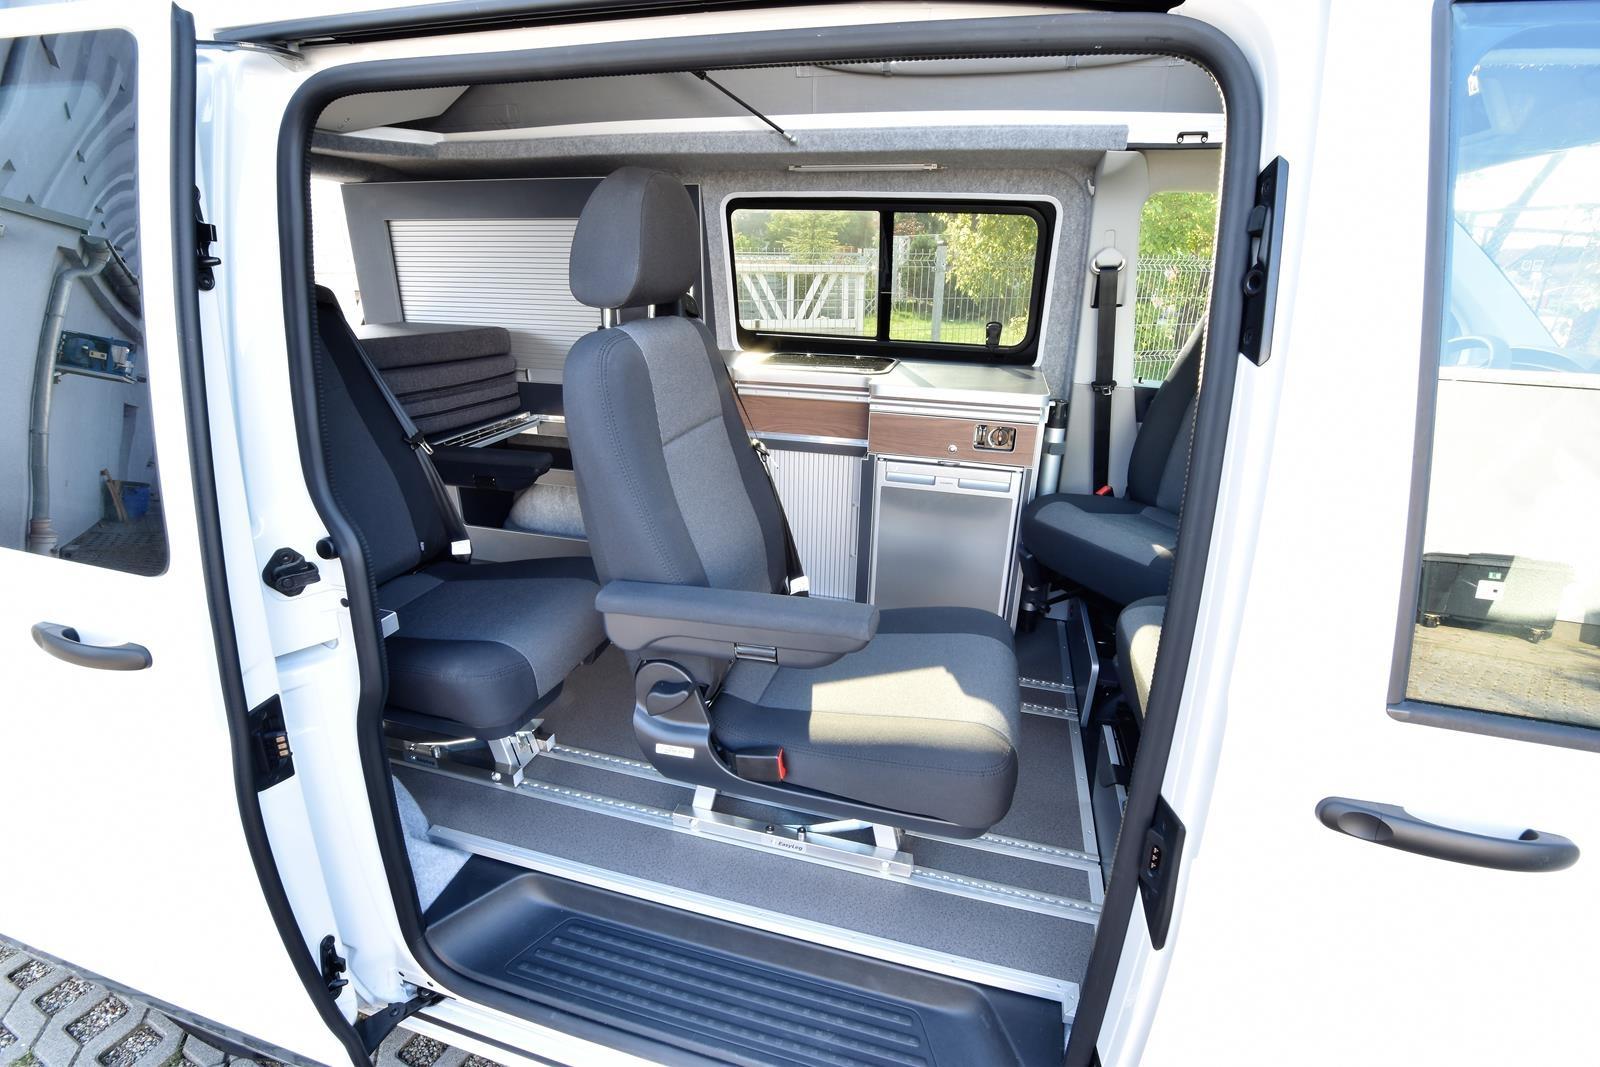 VW-krt passagiers 16